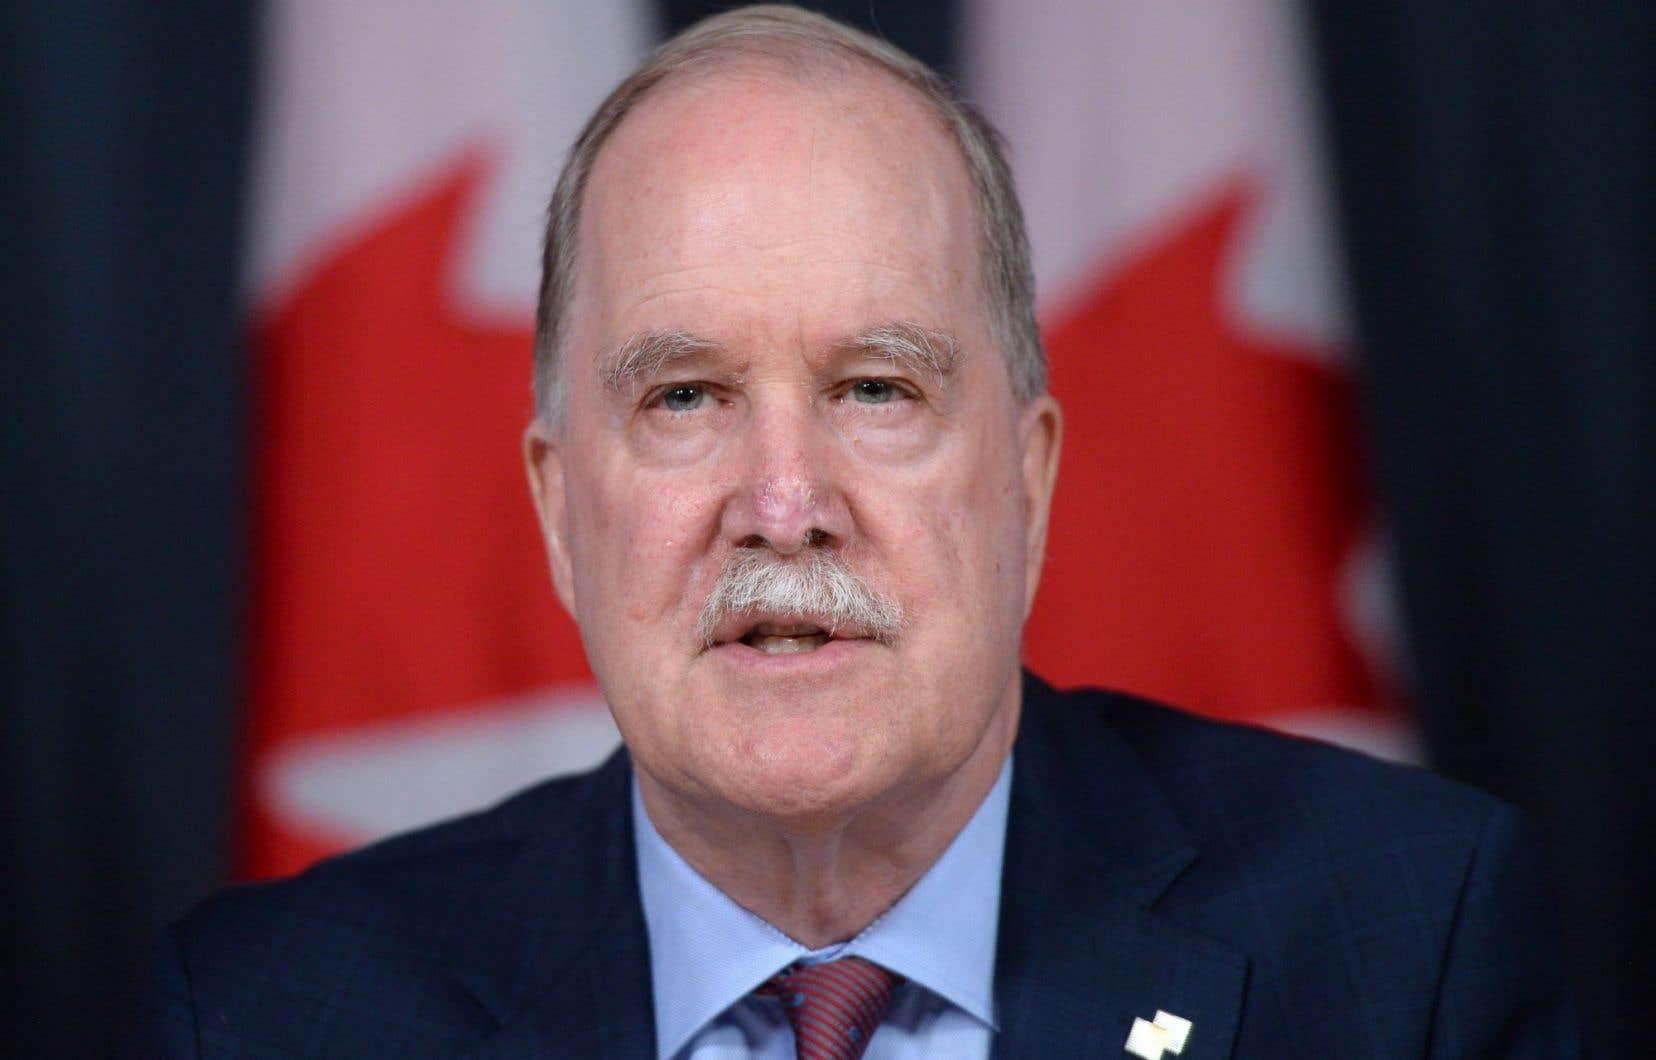 La prolongation du mandat de GrahamFraser n'est pas sans précédent, deux ex-commissaires ayant eux aussi été appelés à rester en poste quelques mois de plus.